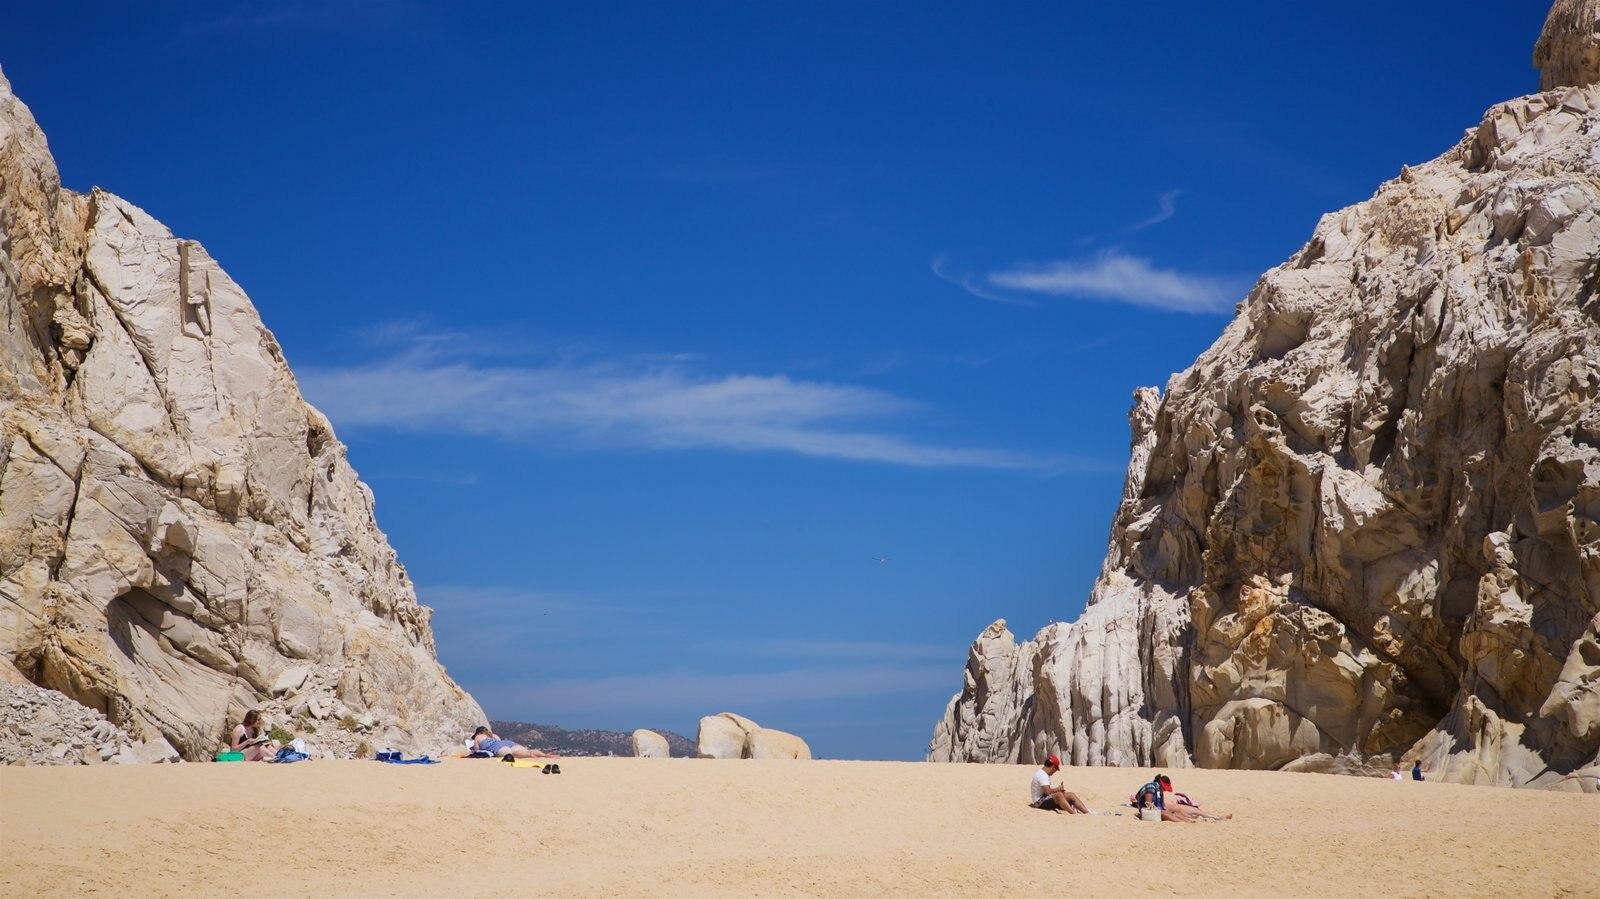 Playa Divorce ofreciendo costa escarpada, vistas generales de la costa y una playa